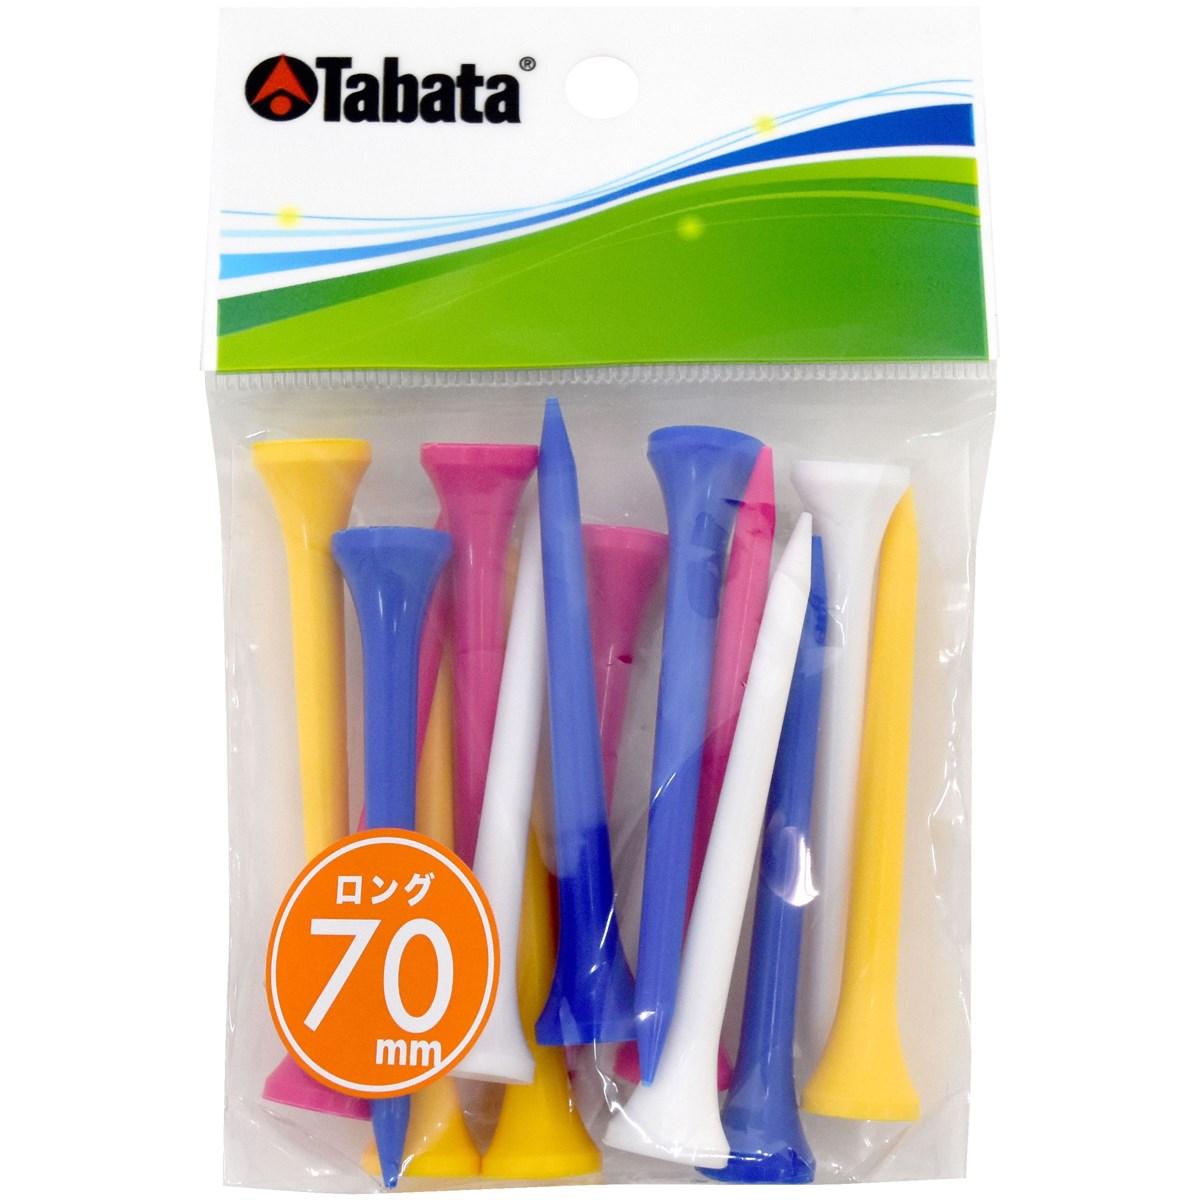 タバタ Tabata スリムティーロング ブルー/イエロー/ホワイト/グリーン/ピンク